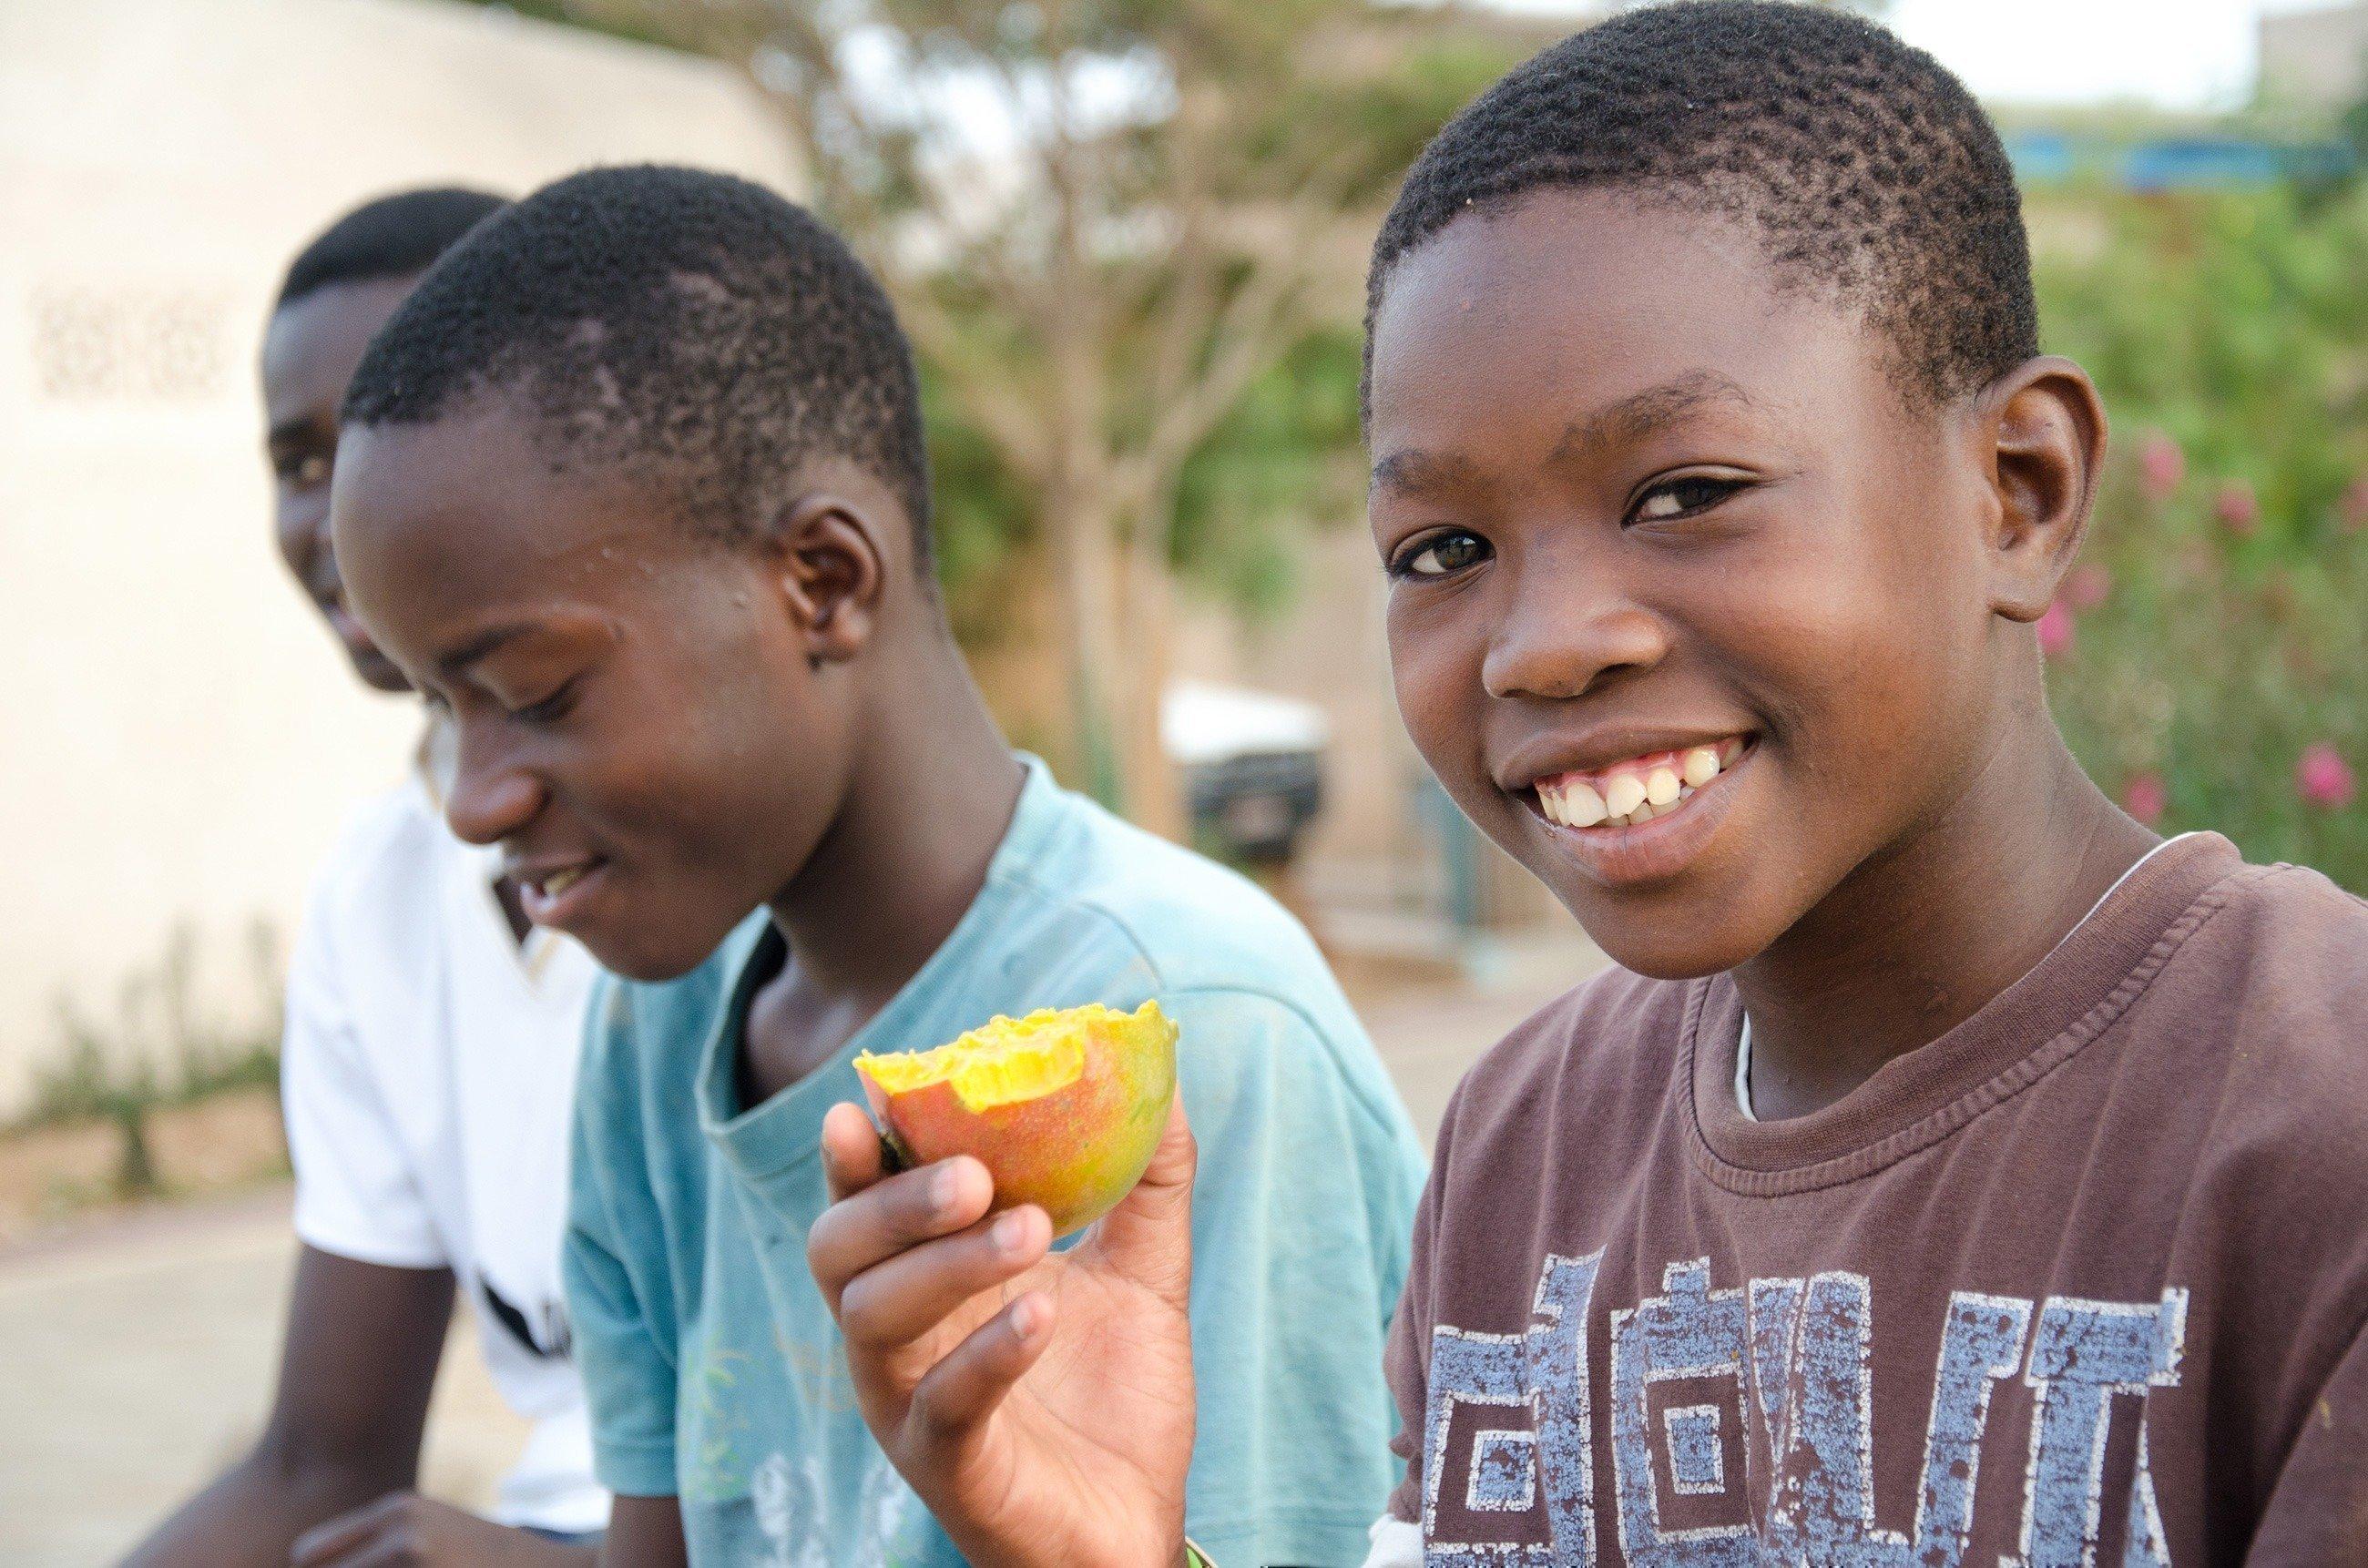 Un enfant mange un fruit.